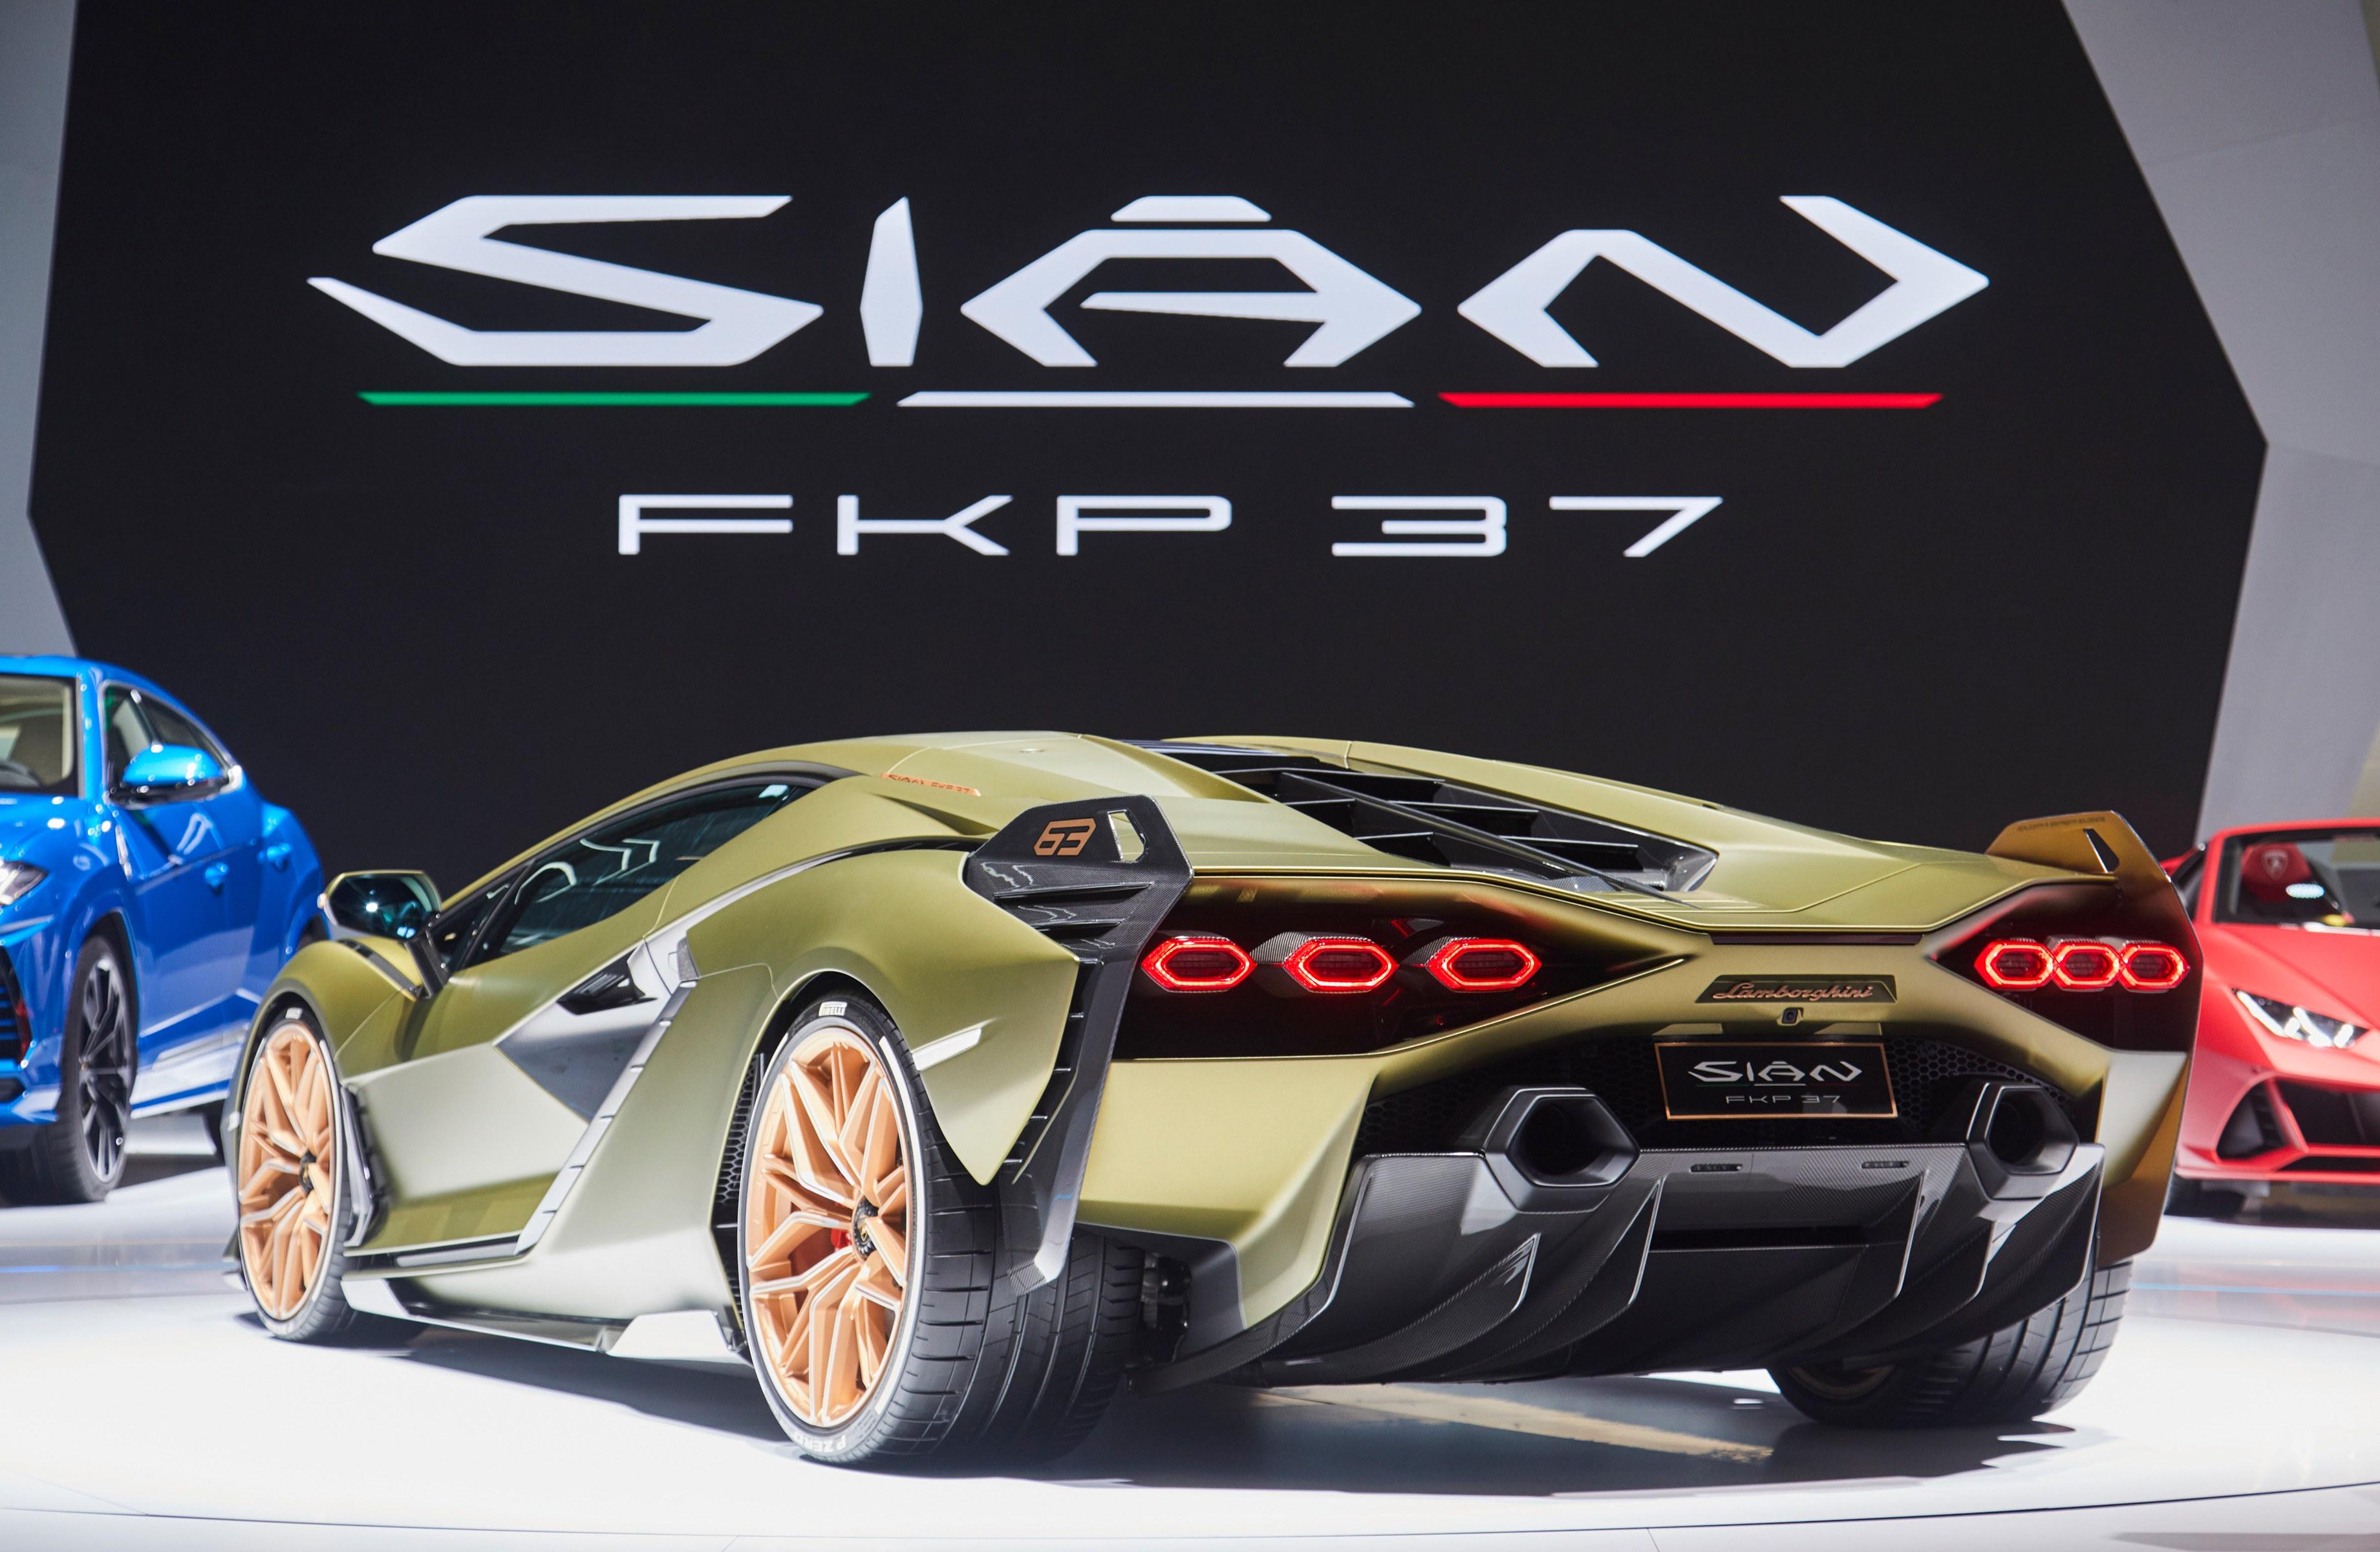 開発部門トップが語る「シアン FKP37」に込めたランボルギーニの決意